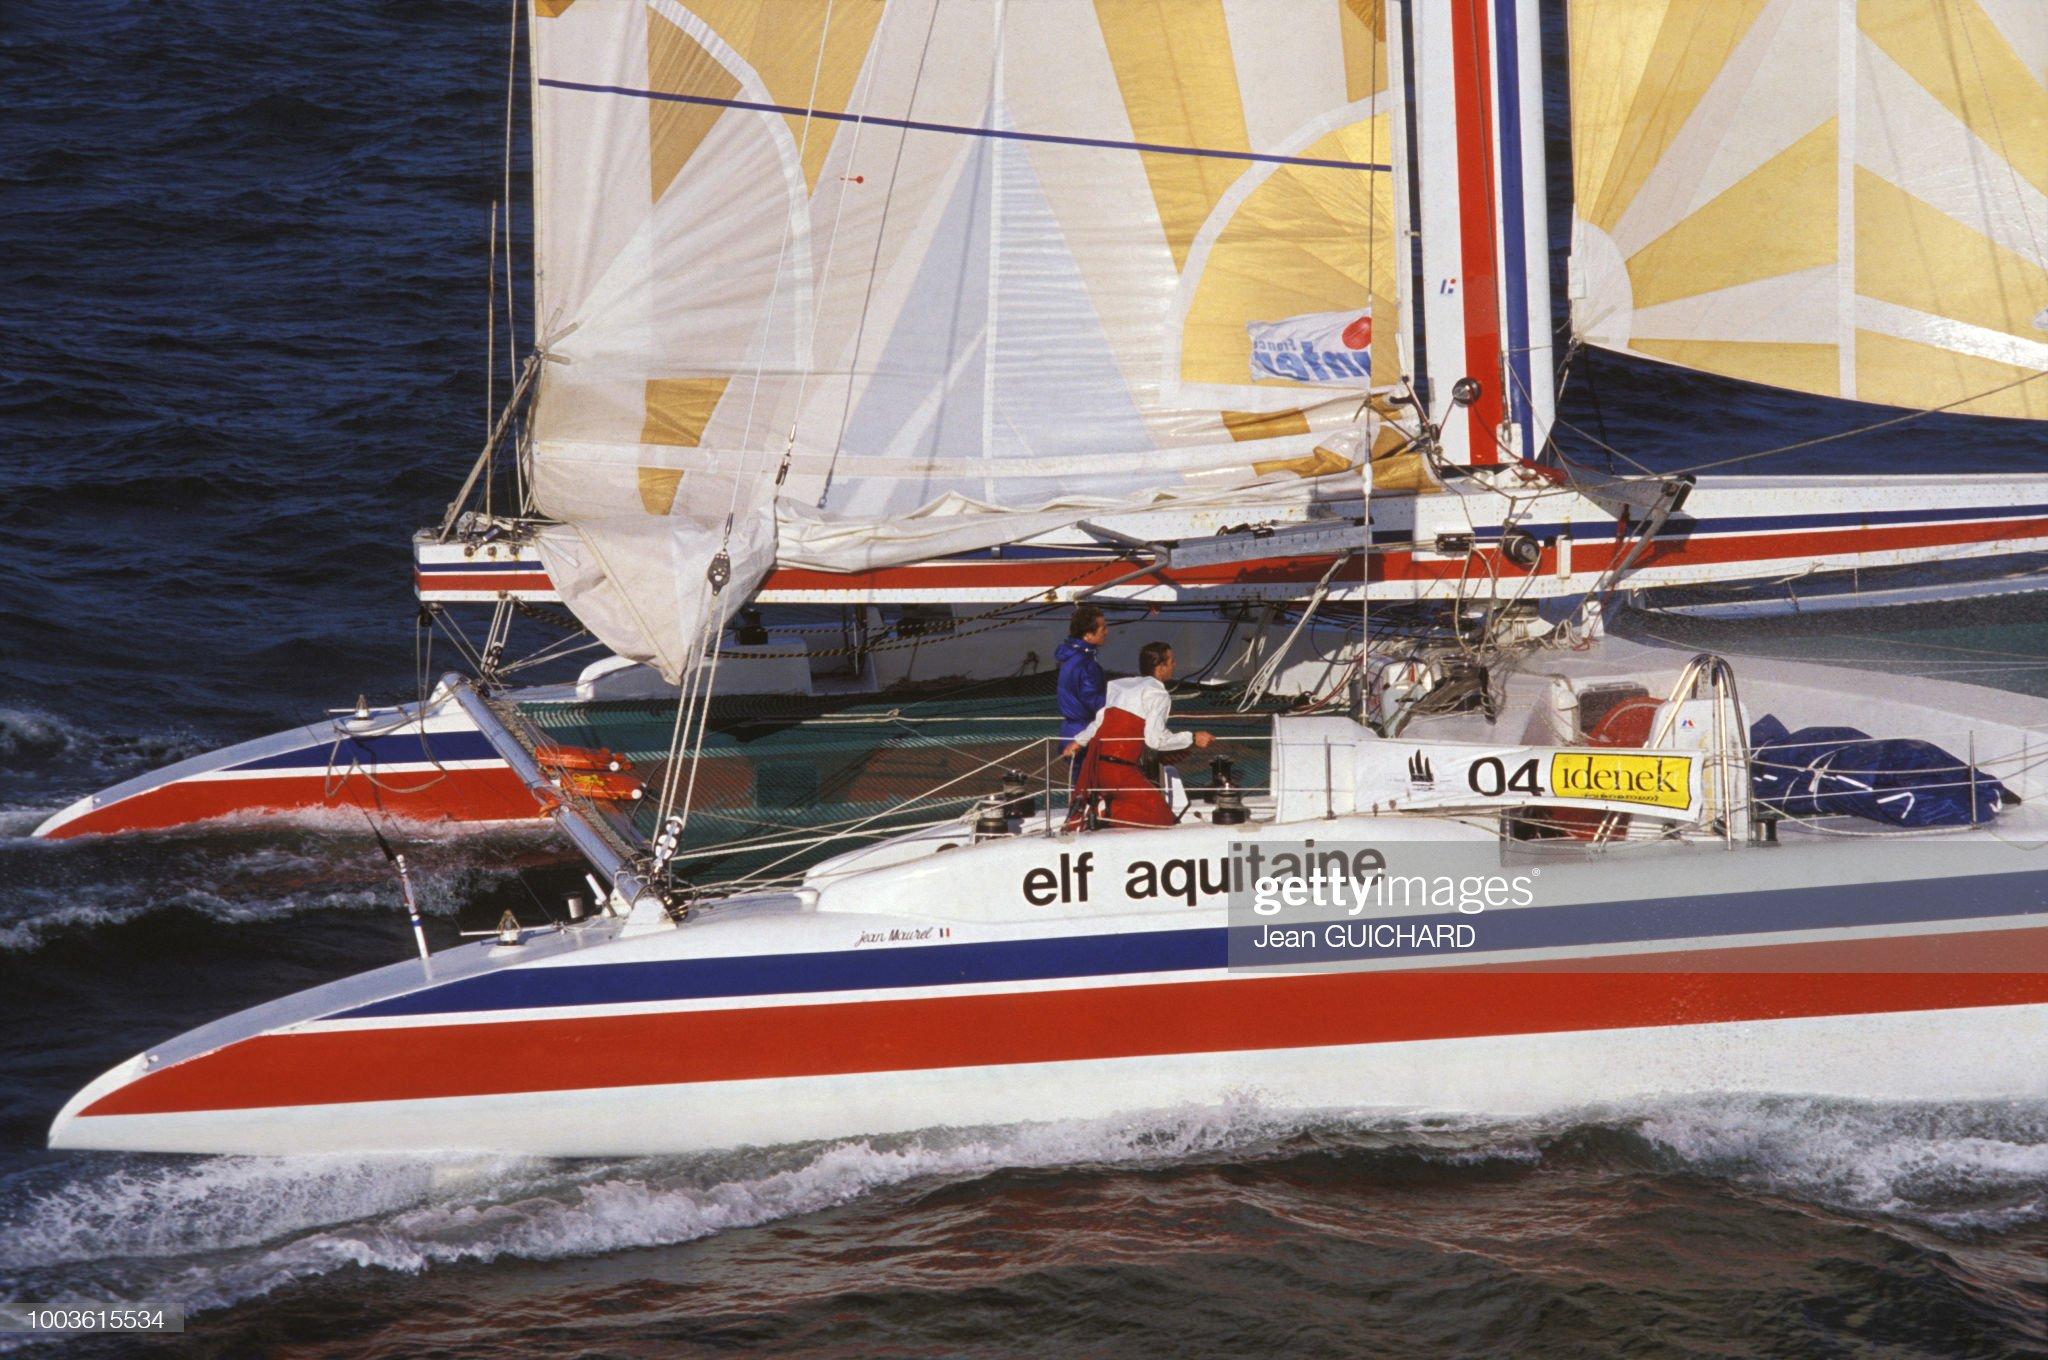 le-catamaran-elf-aquitaine-au-dpart-de-l